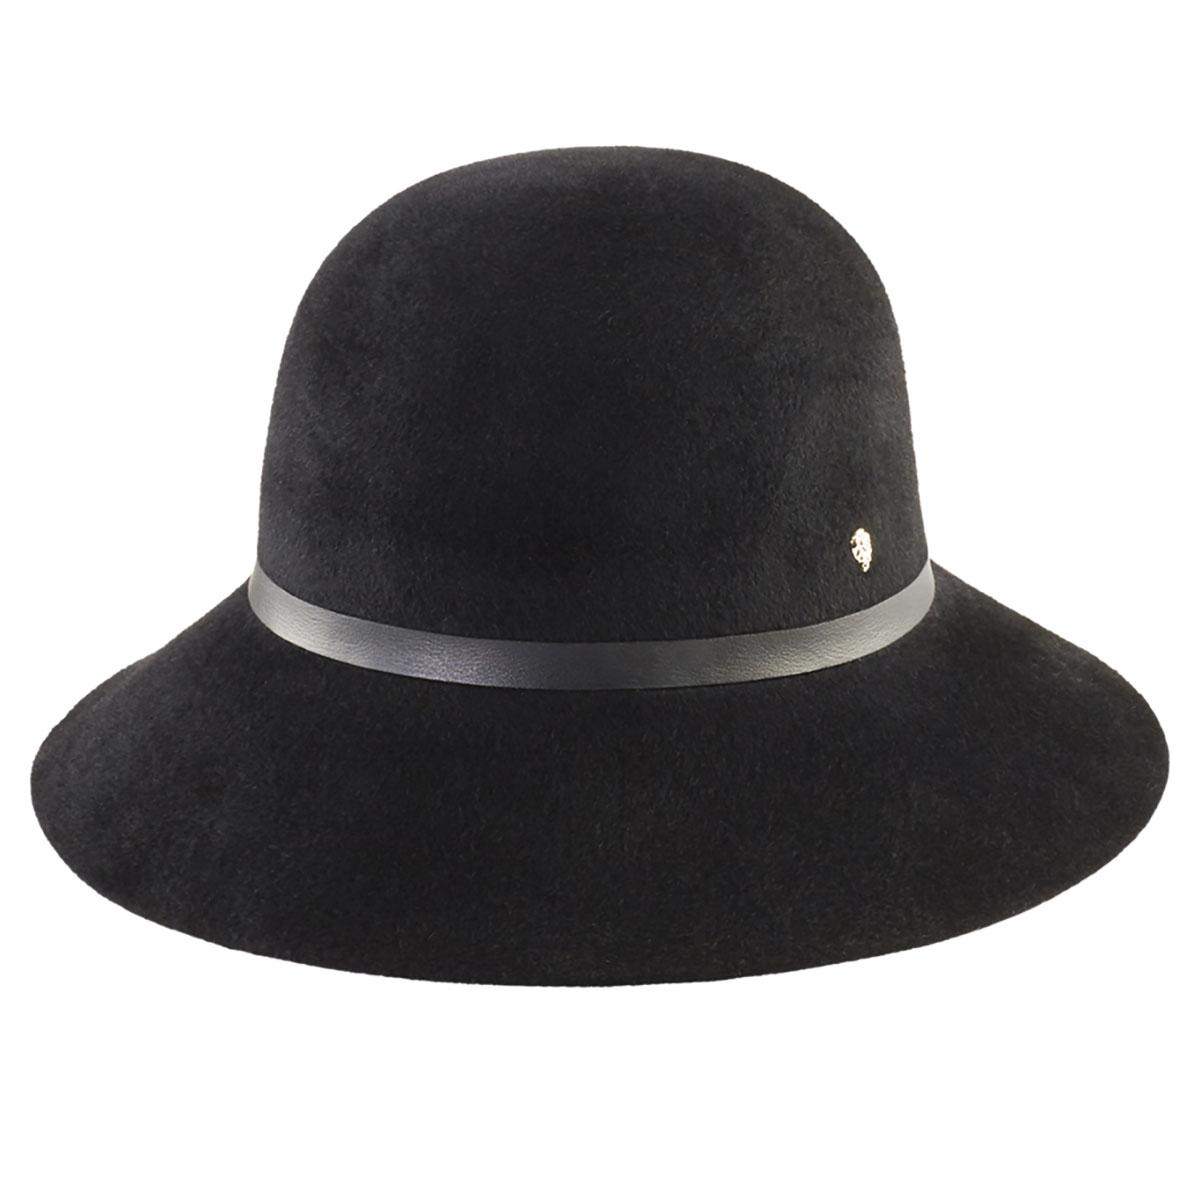 Helen Kaminski Bitsy 9 Cloche in Black,Black